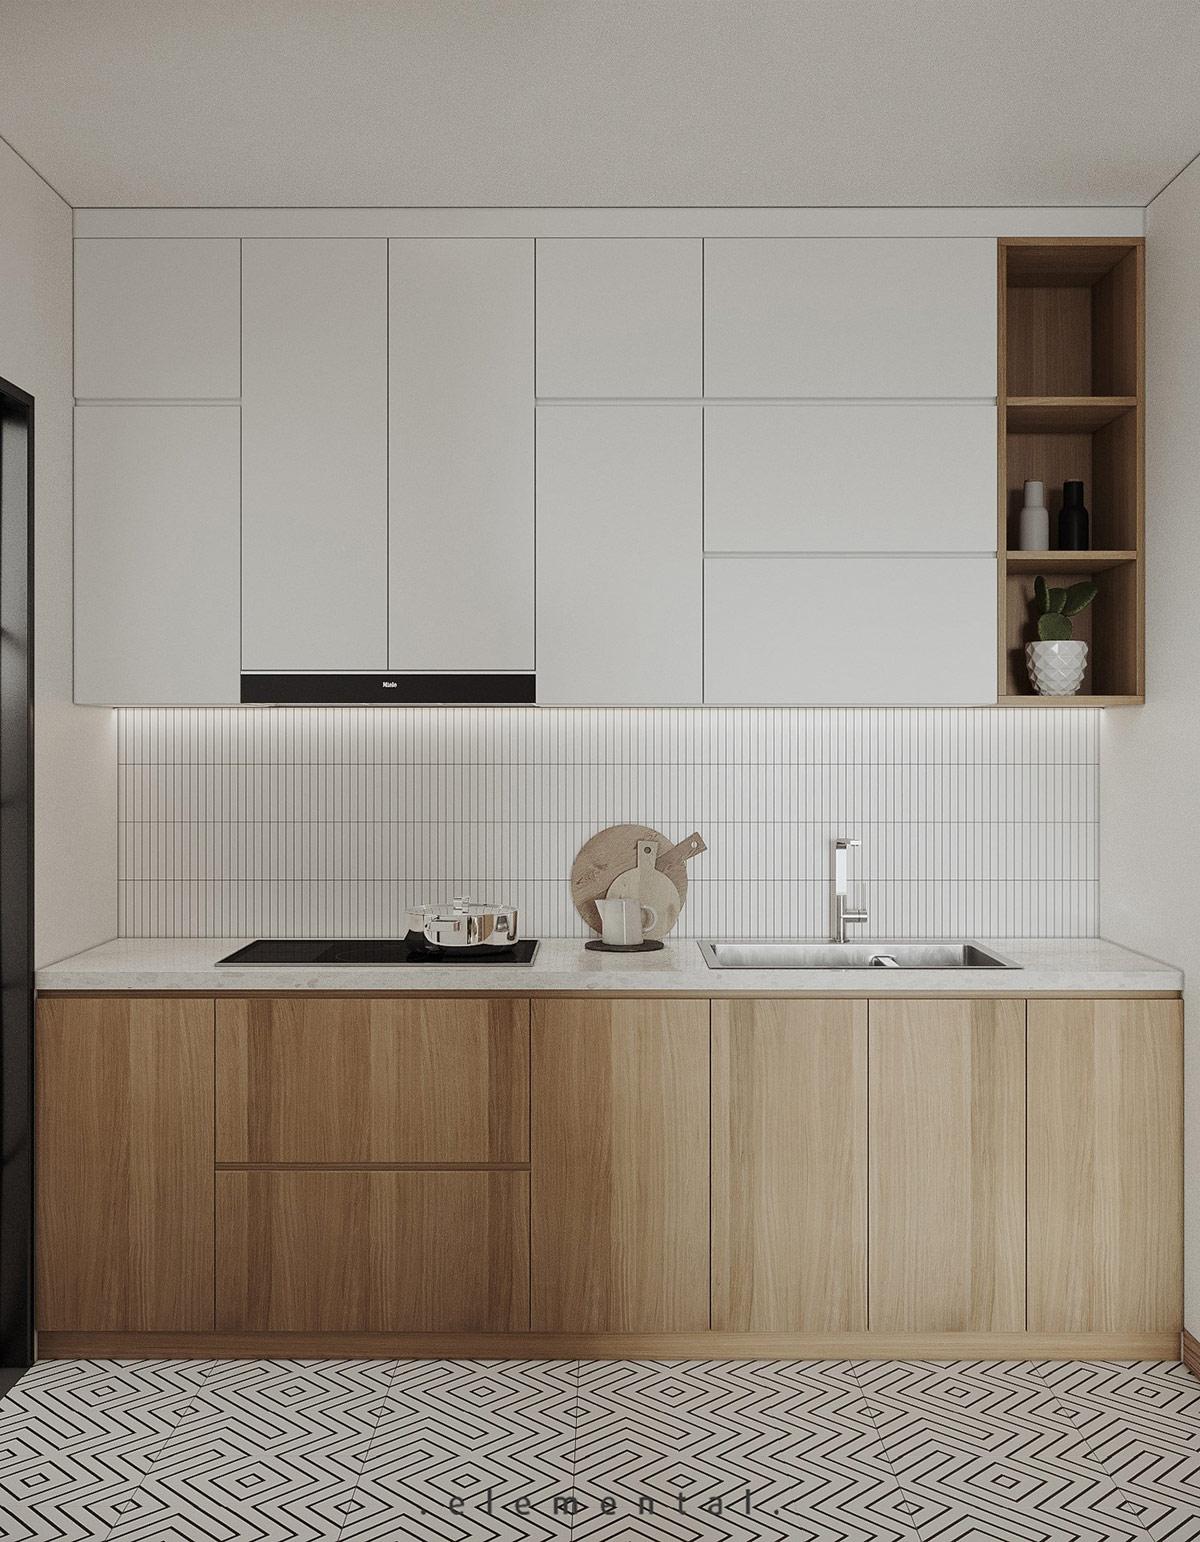 Tư vấn thiết kế căn hộ 69m² với tổng chi phí dưới 170 triệu với phong cách tối giản - Ảnh 5.